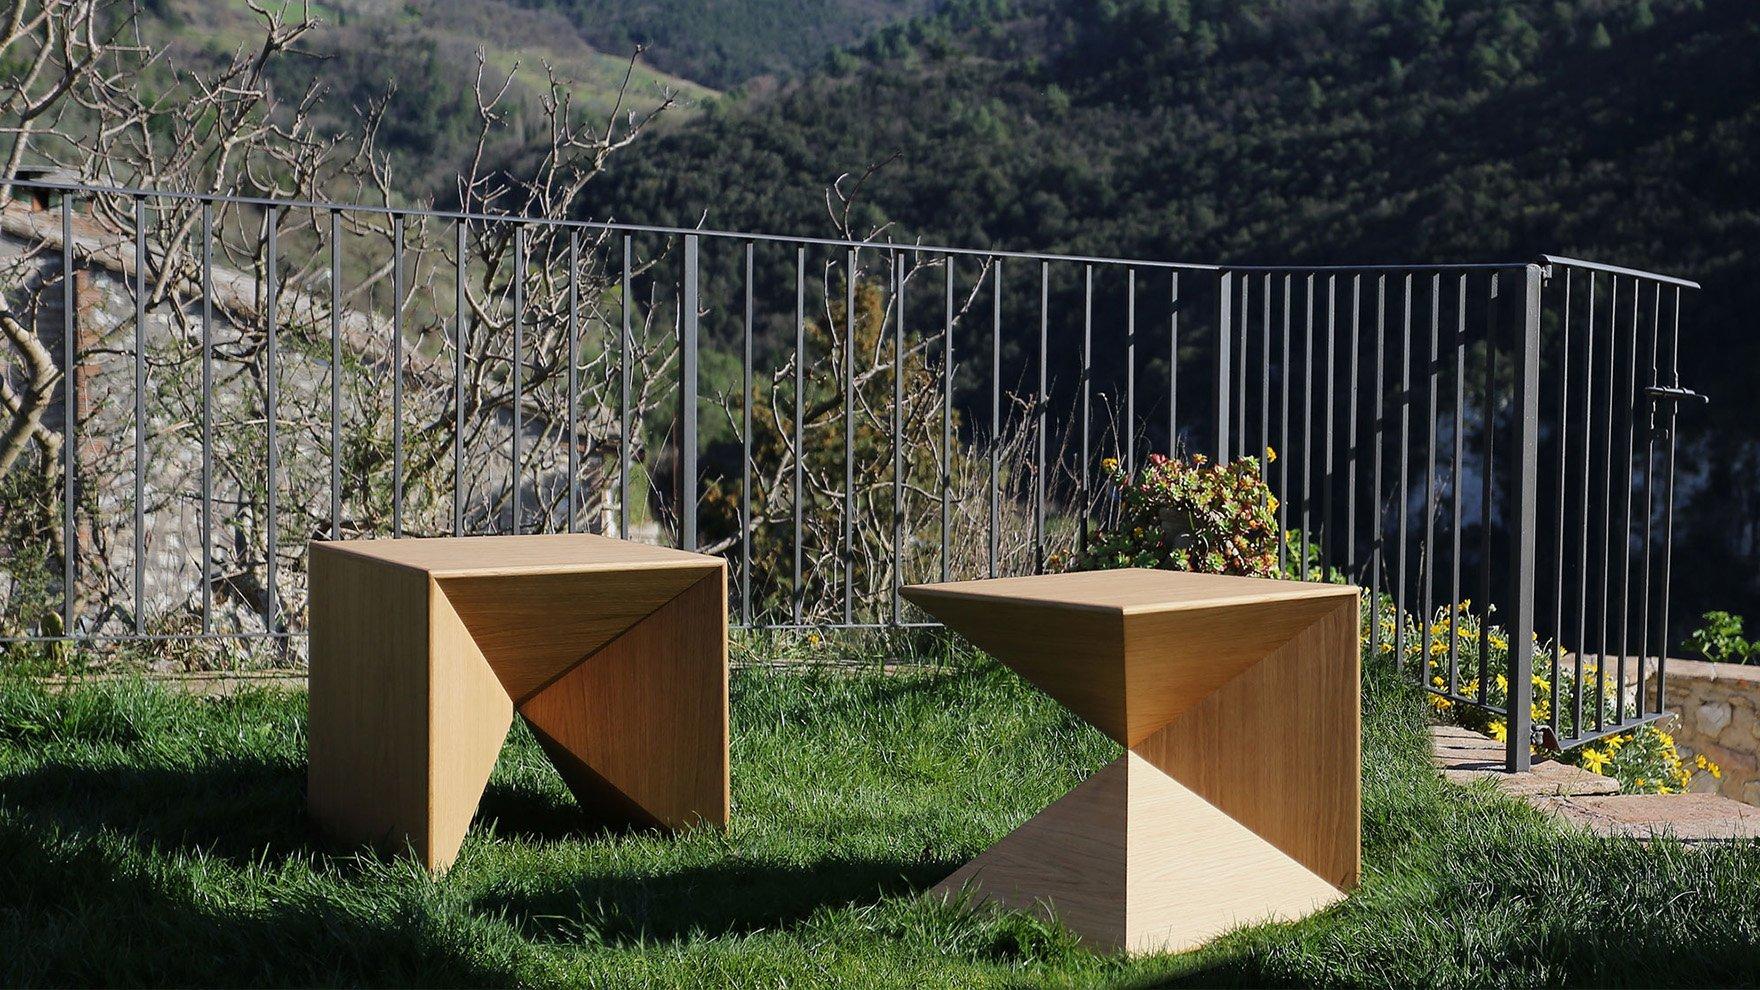 qbico-modello-reale-ambientato-marcello-cannarsa-4